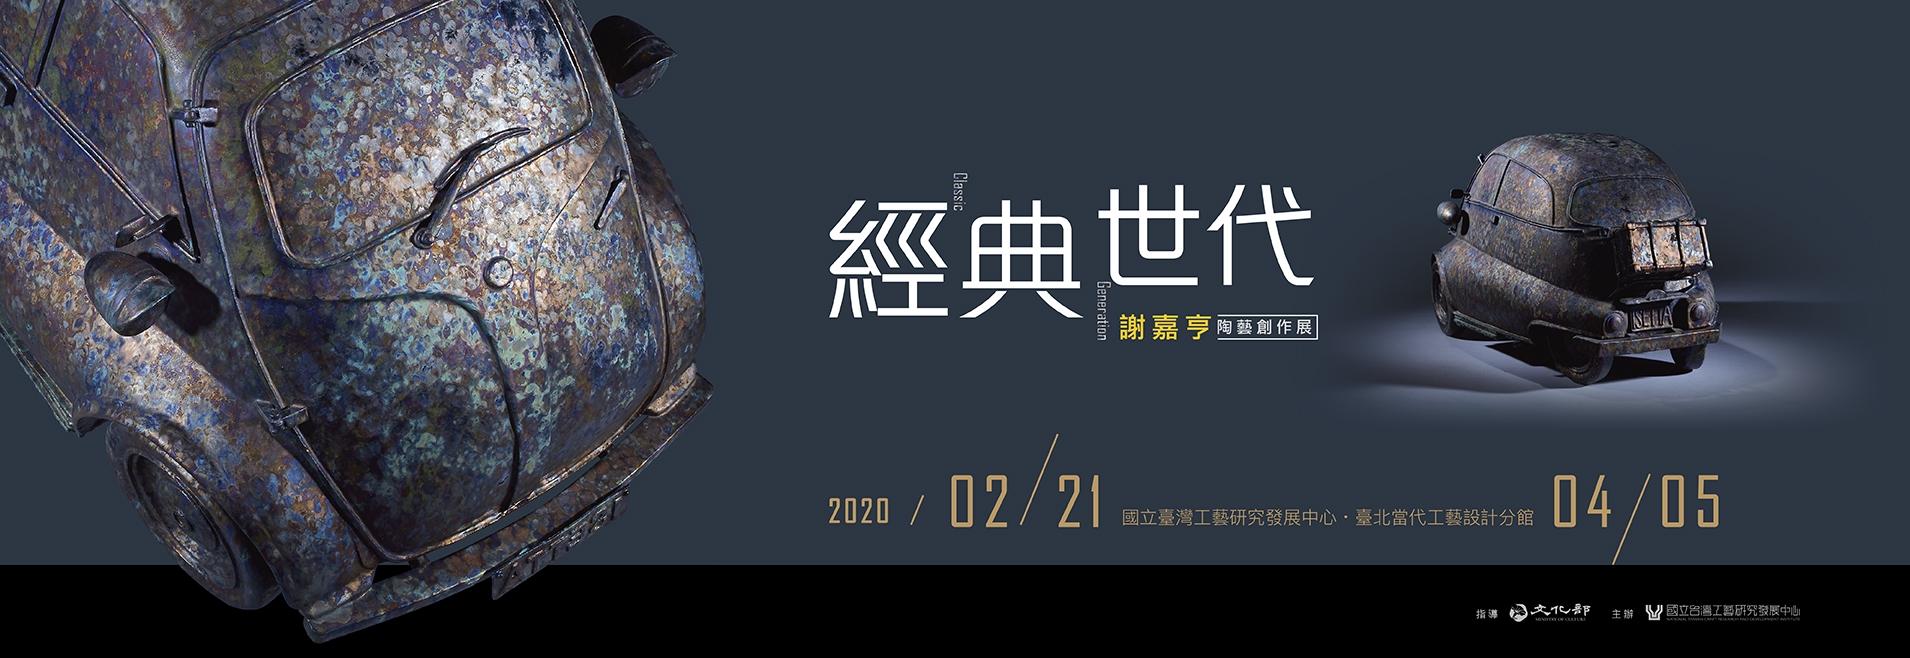 經典世代-謝嘉亨陶藝創作展「另開新視窗」